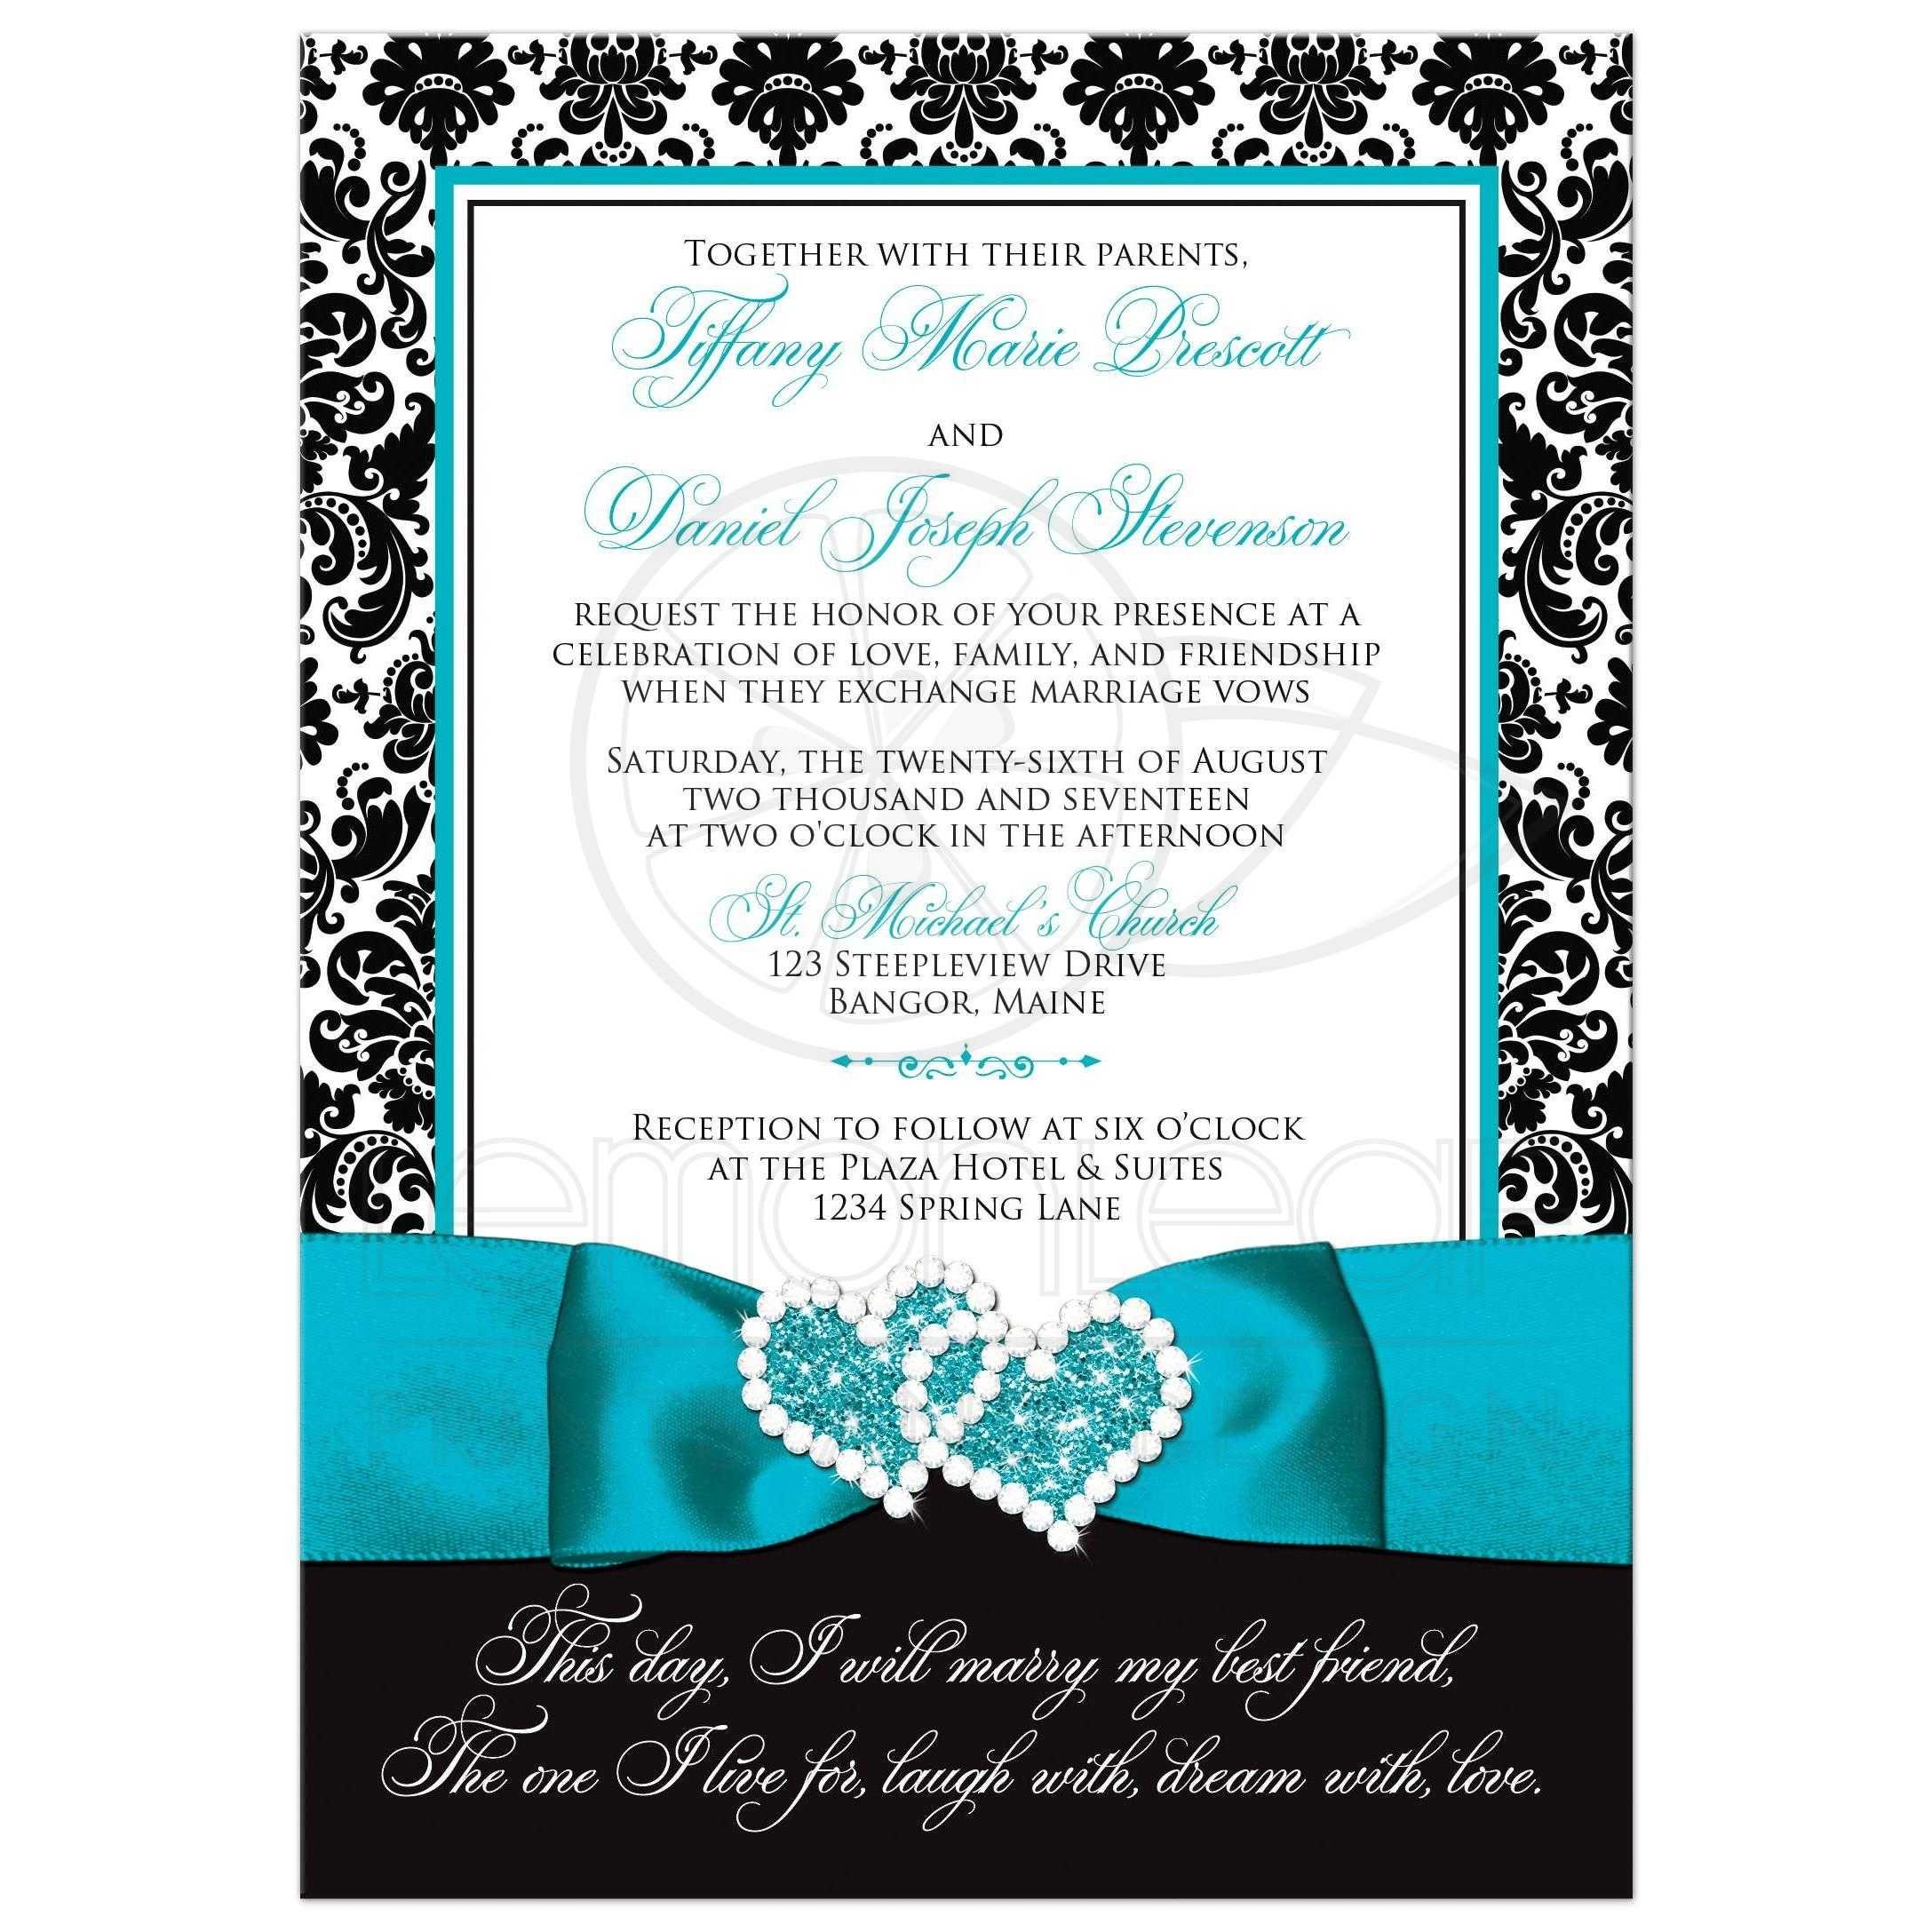 Wedding Invitation - PHOTO Optional | Black and White Damask ...